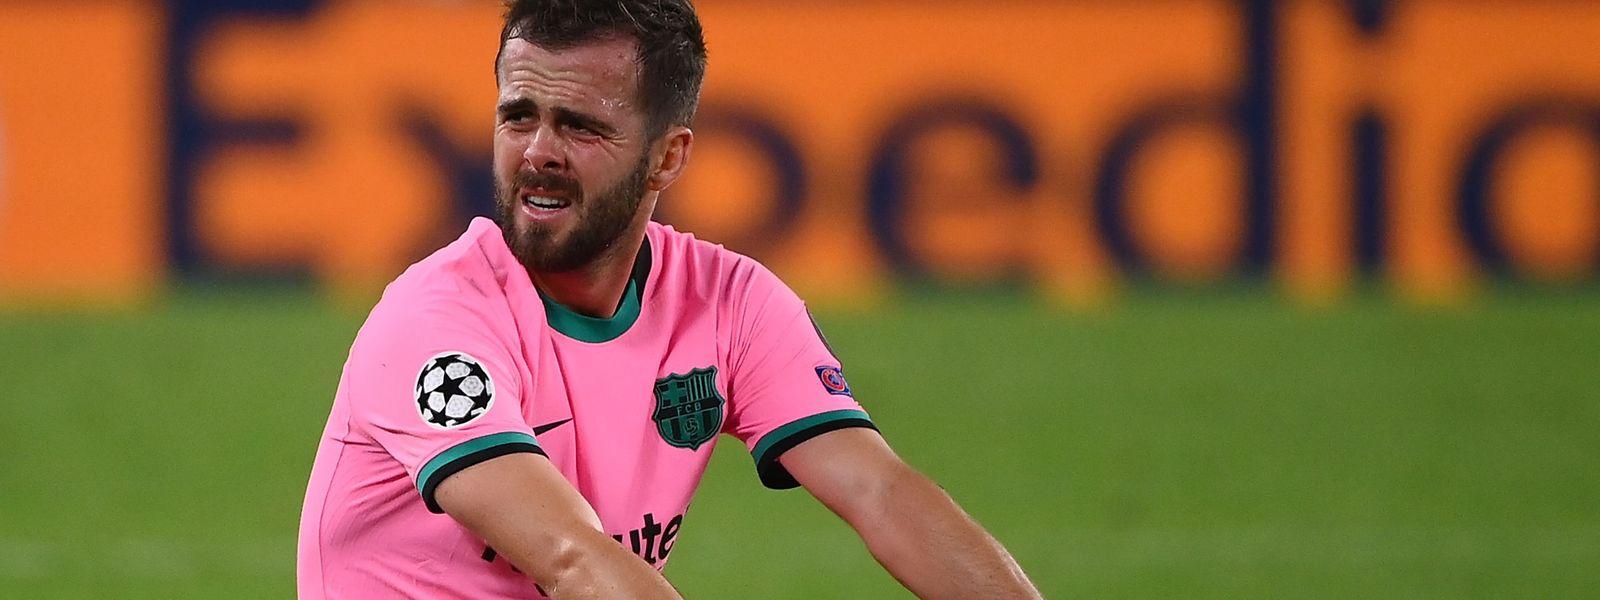 Neuzugang Miralem Pjanic und der FC Barcelona suchen noch nach der Topform.